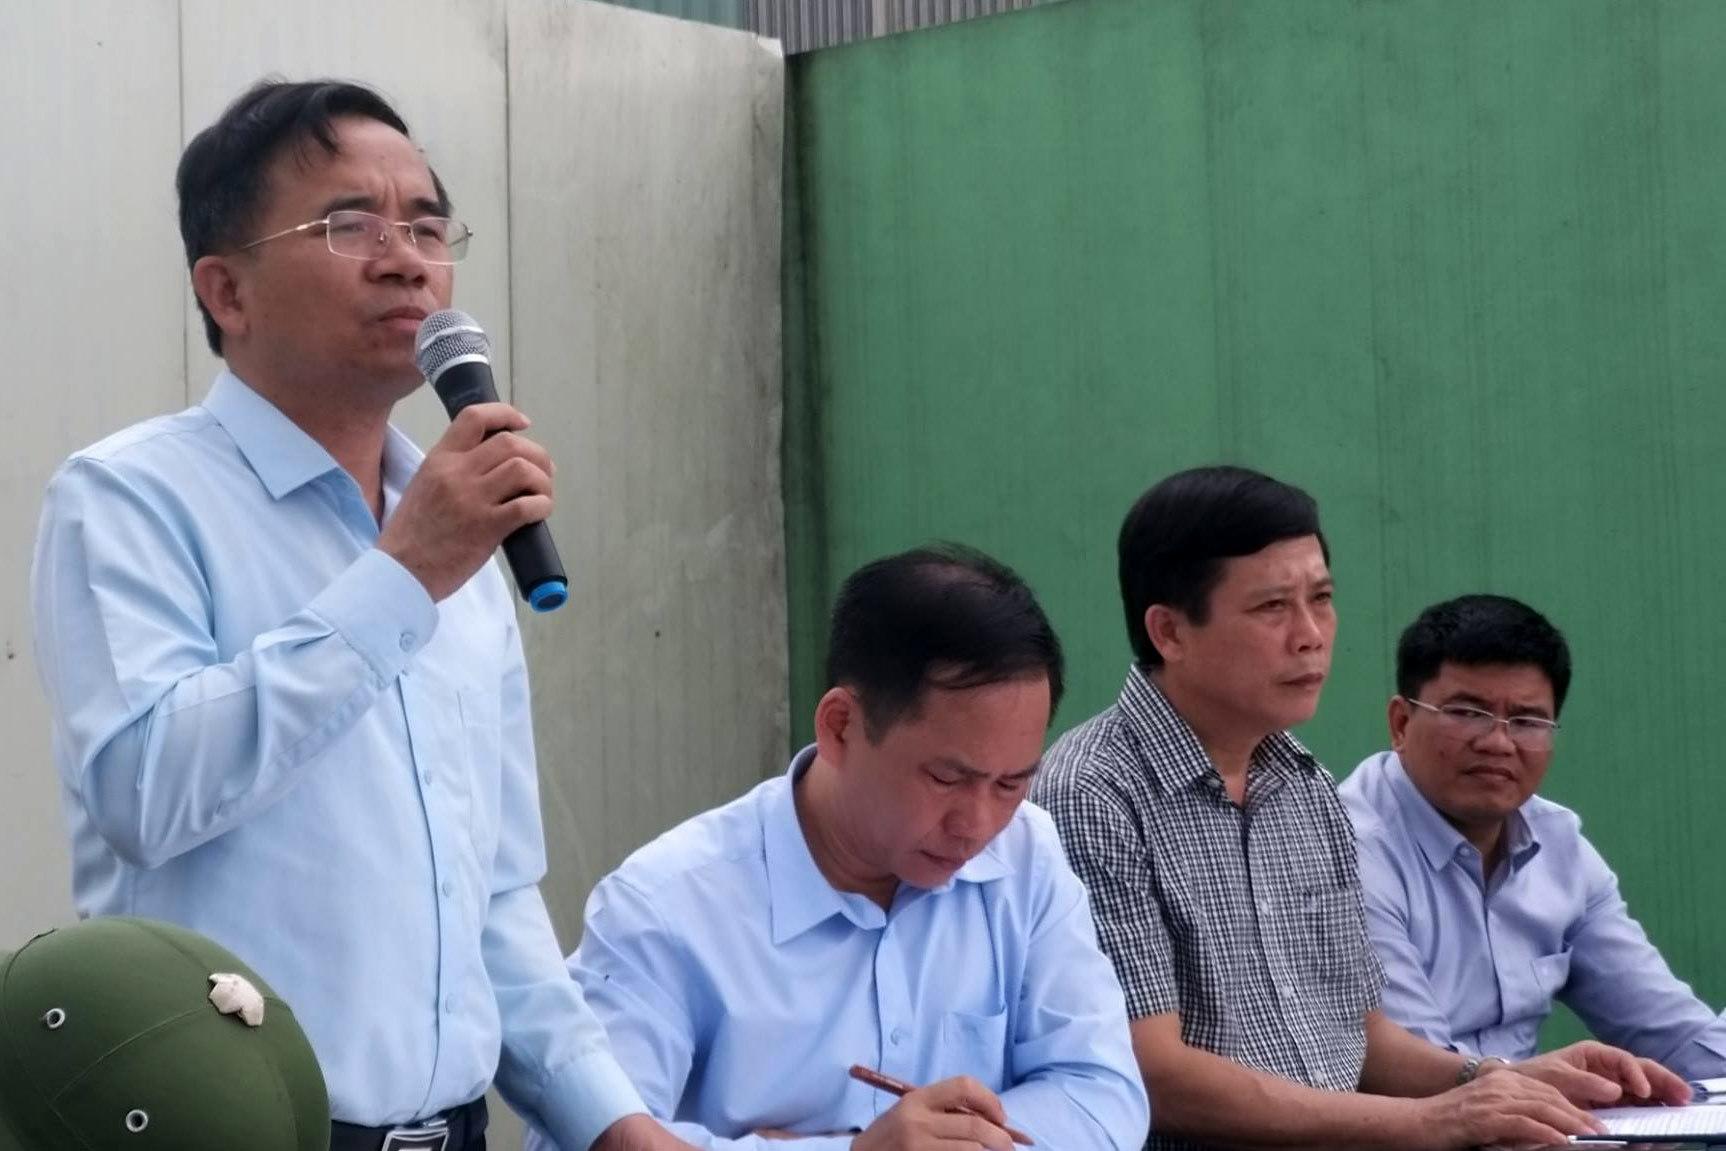 Mâm cúng tổ tiên phải đổ vì ruồi bâu, Chủ tịch huyện xin lỗi dân